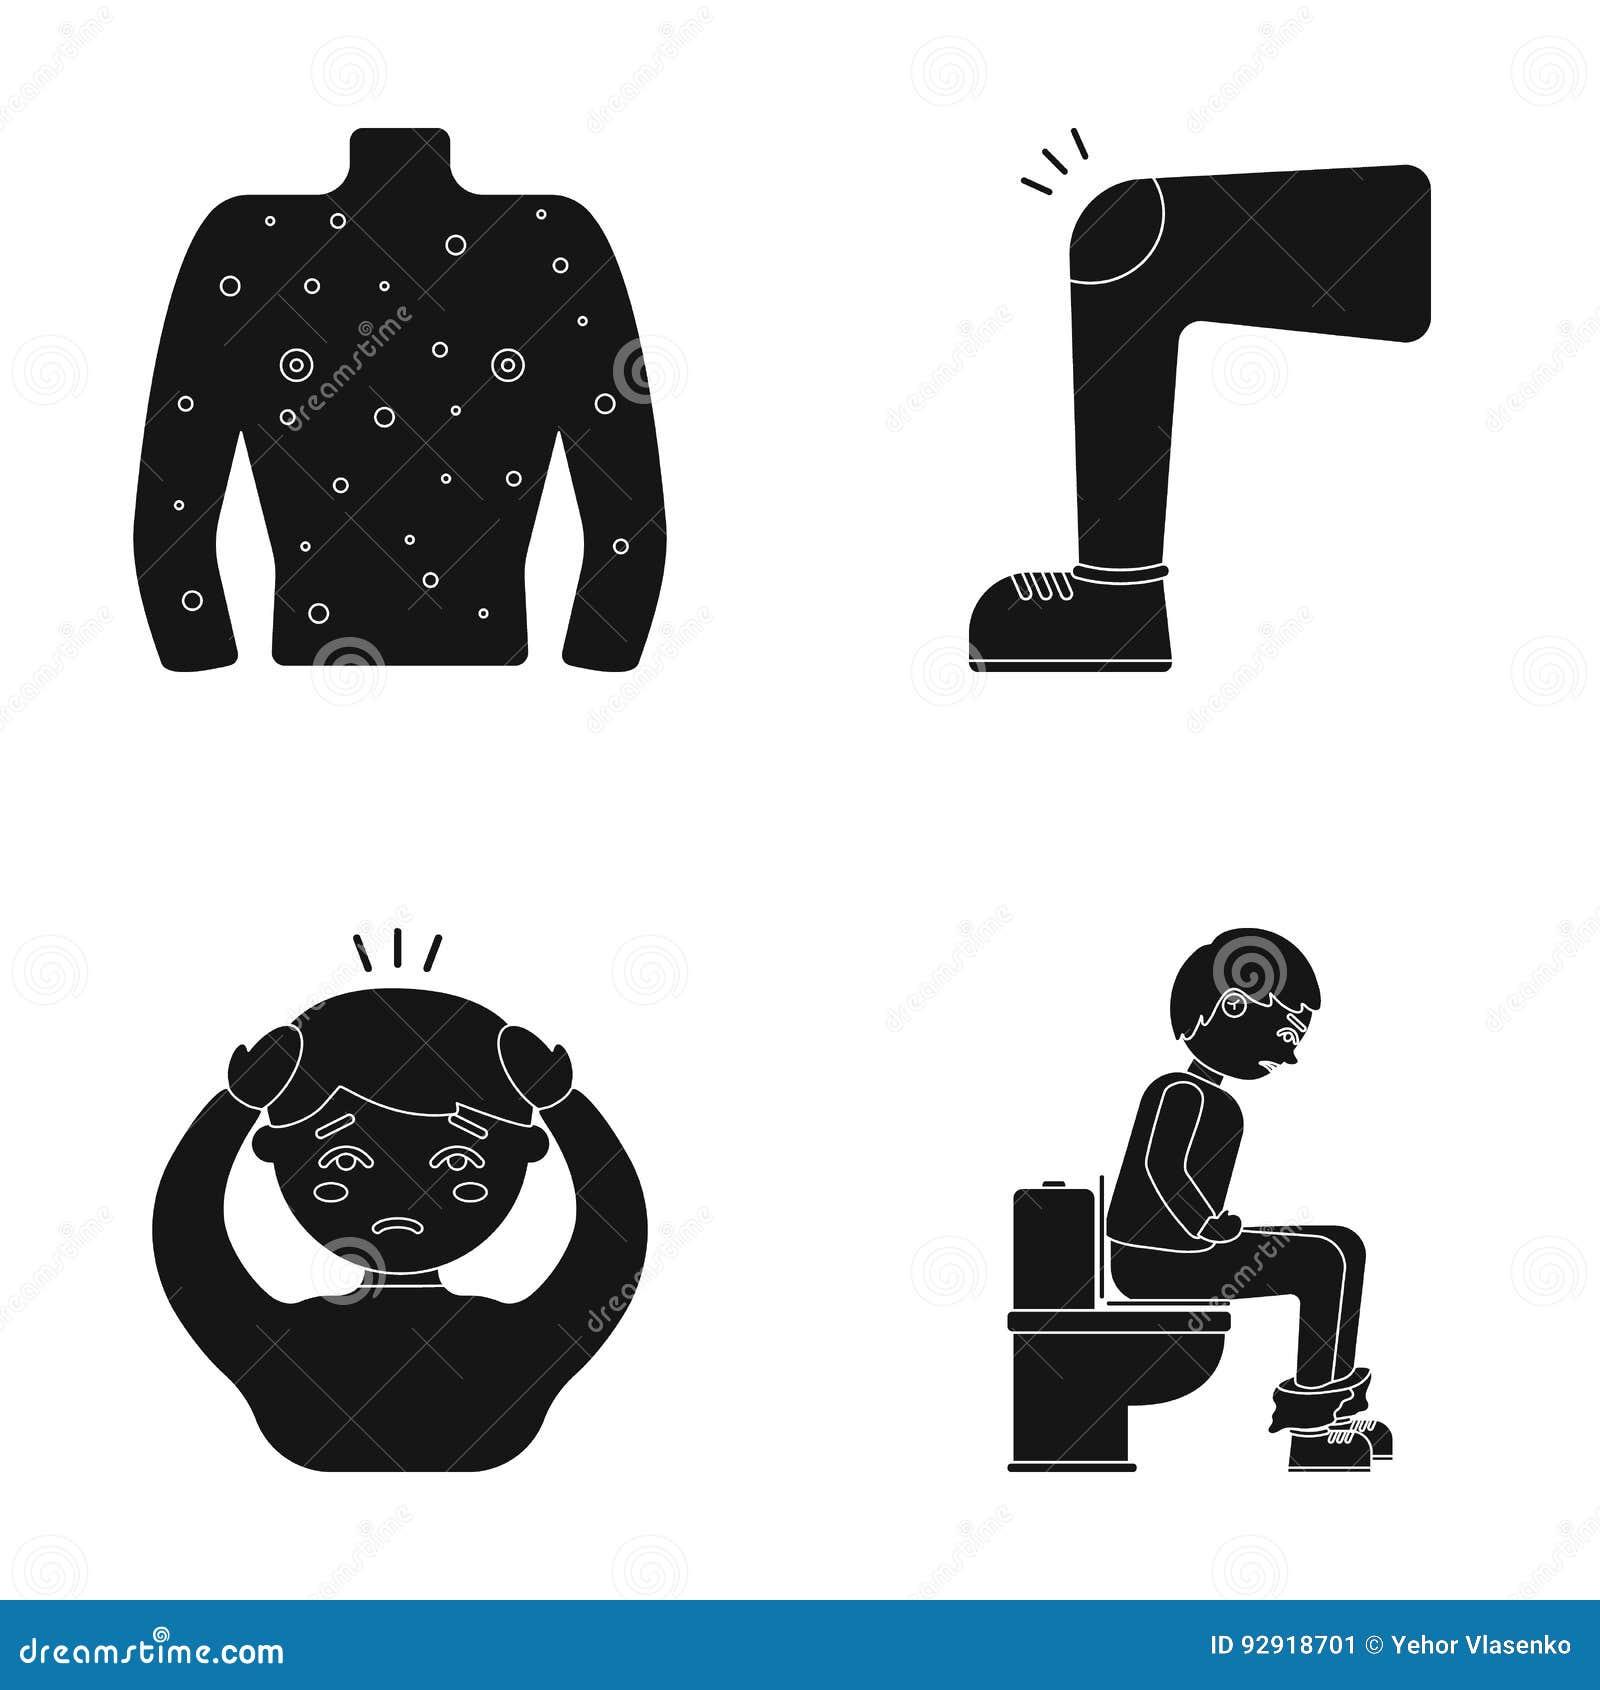 Ciało ludzkie zakrywa z wrzodami, czyrakami, czerwoną wysypką, kolanem mężczyzna z stłuczeniem, pacjentem z migreną, i